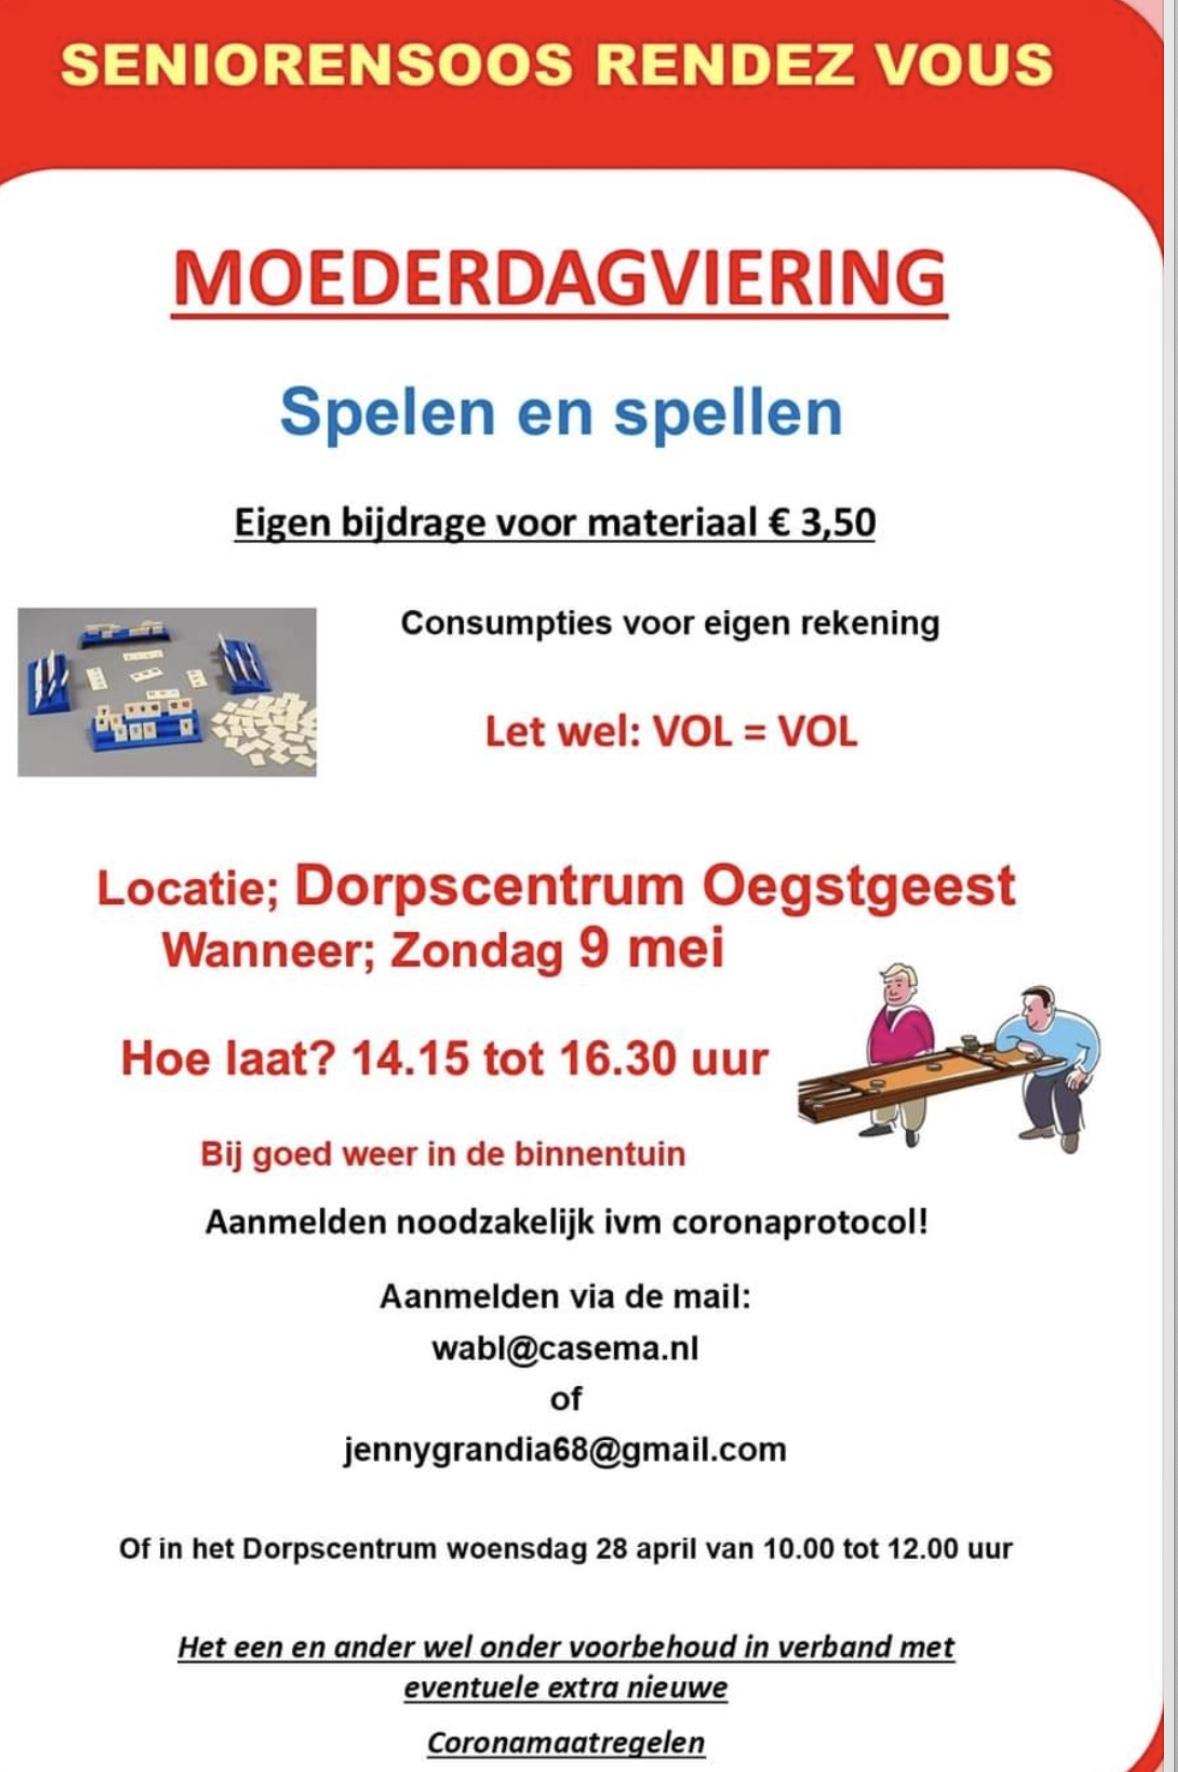 Moederdagviering bij Seniorensoos Rendez Vous; aanmelden wabl@casema.nl